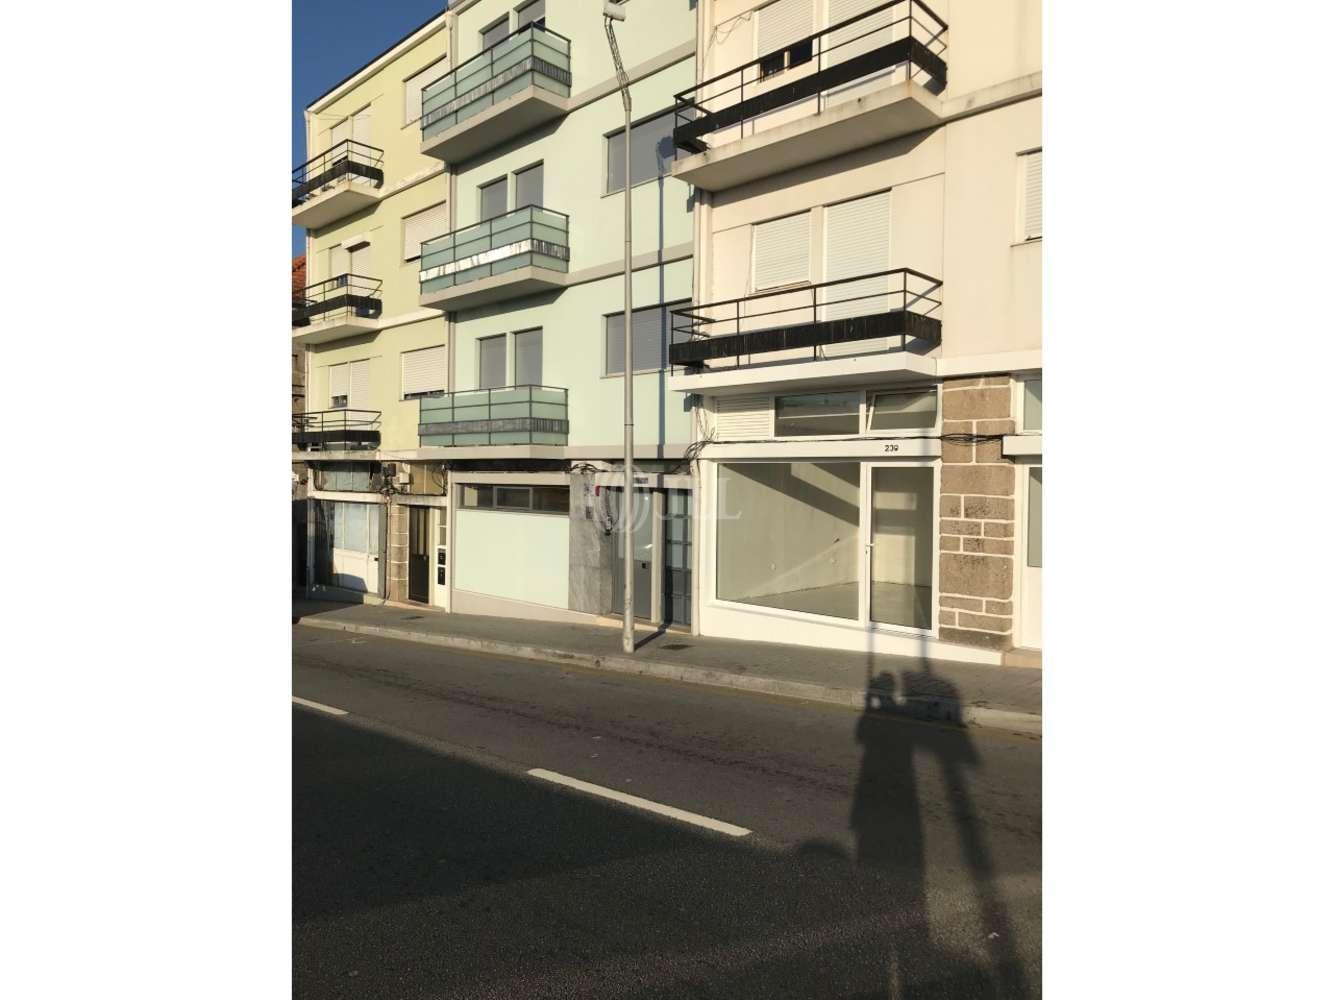 Loja Vila nova de gaia, 4430-999 - General Torres 239 - 3